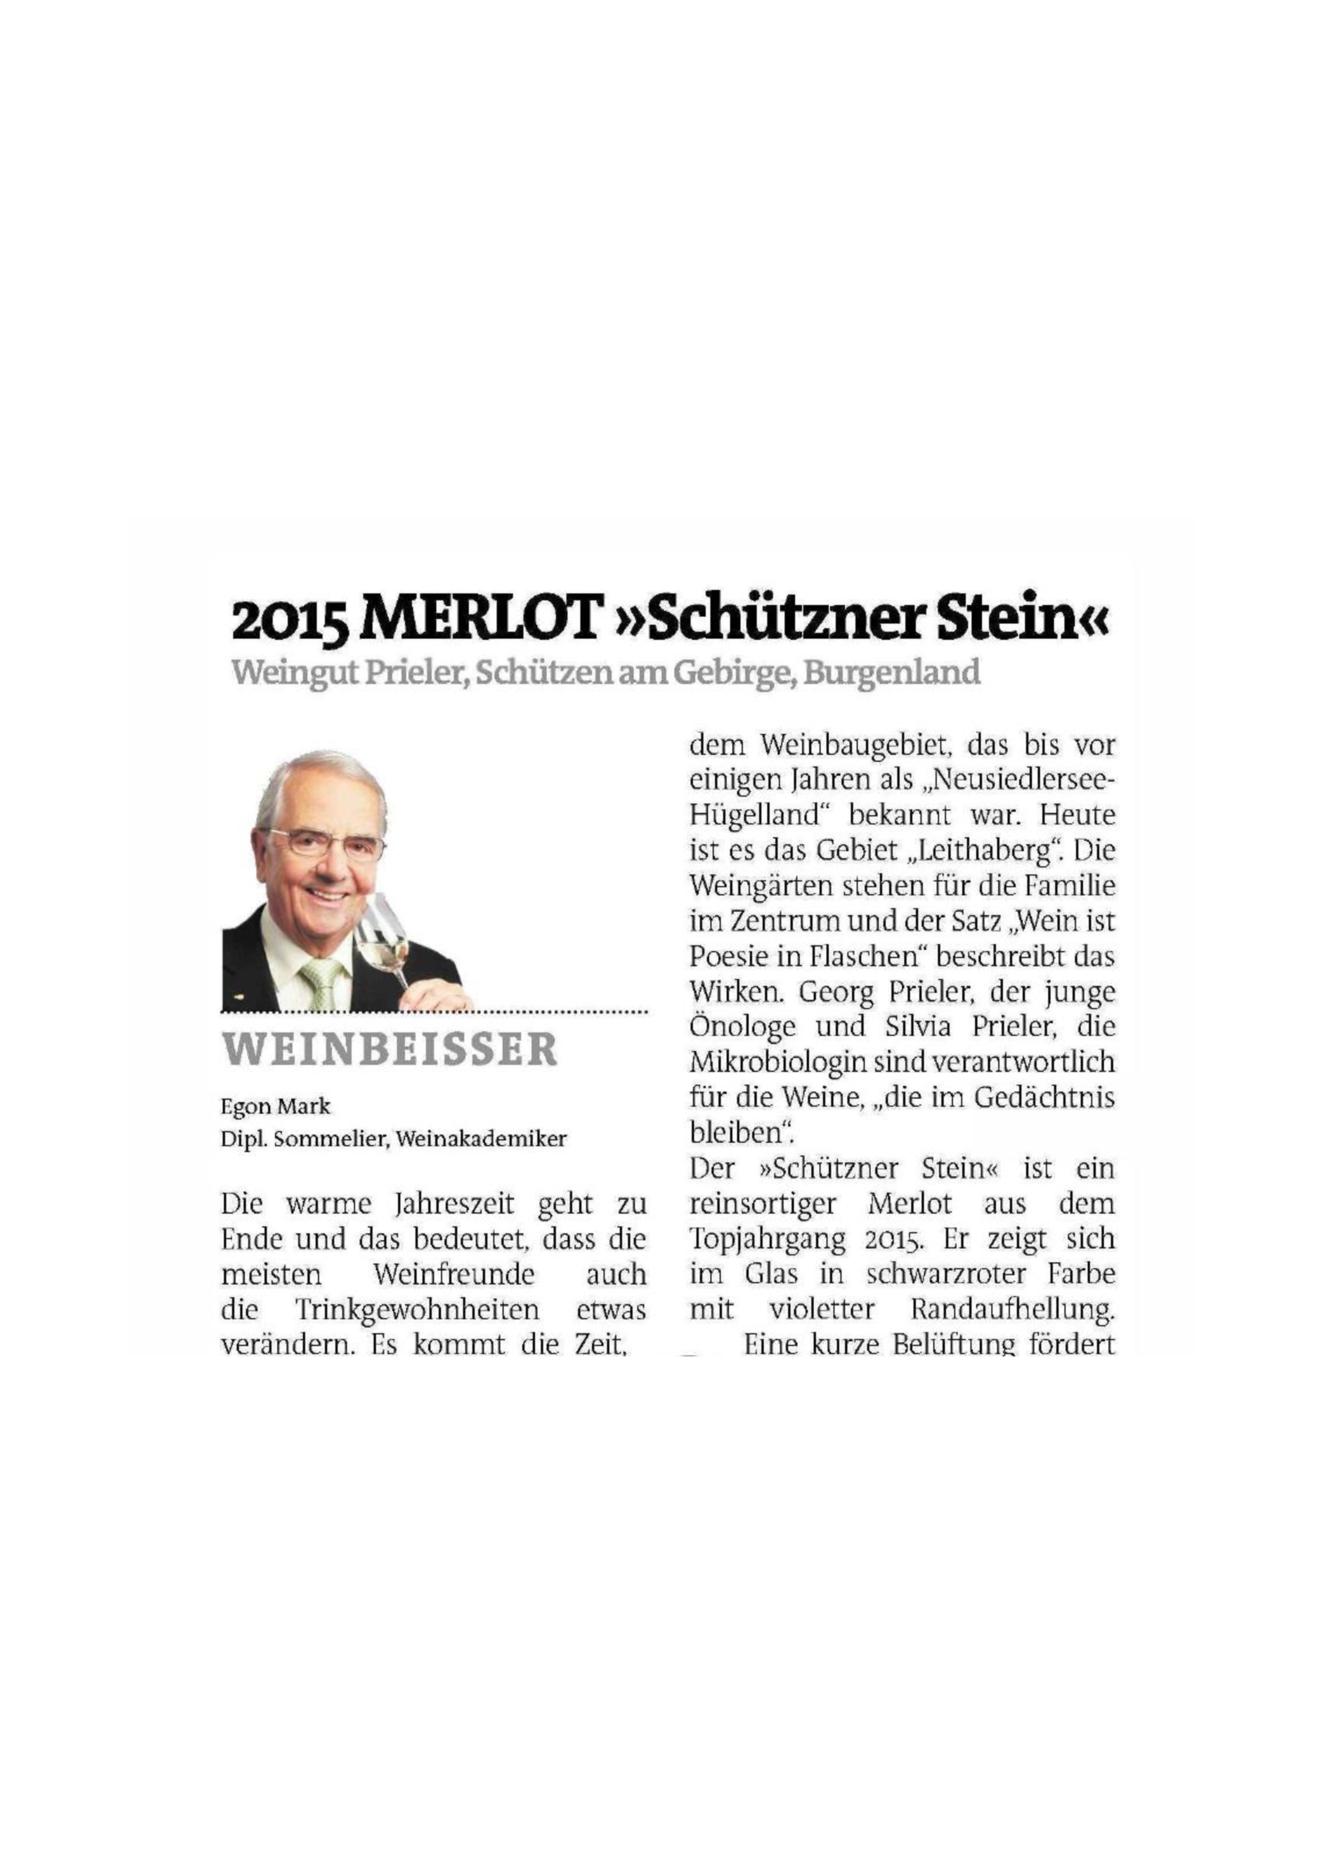 Merlot Schützner Stein 2015